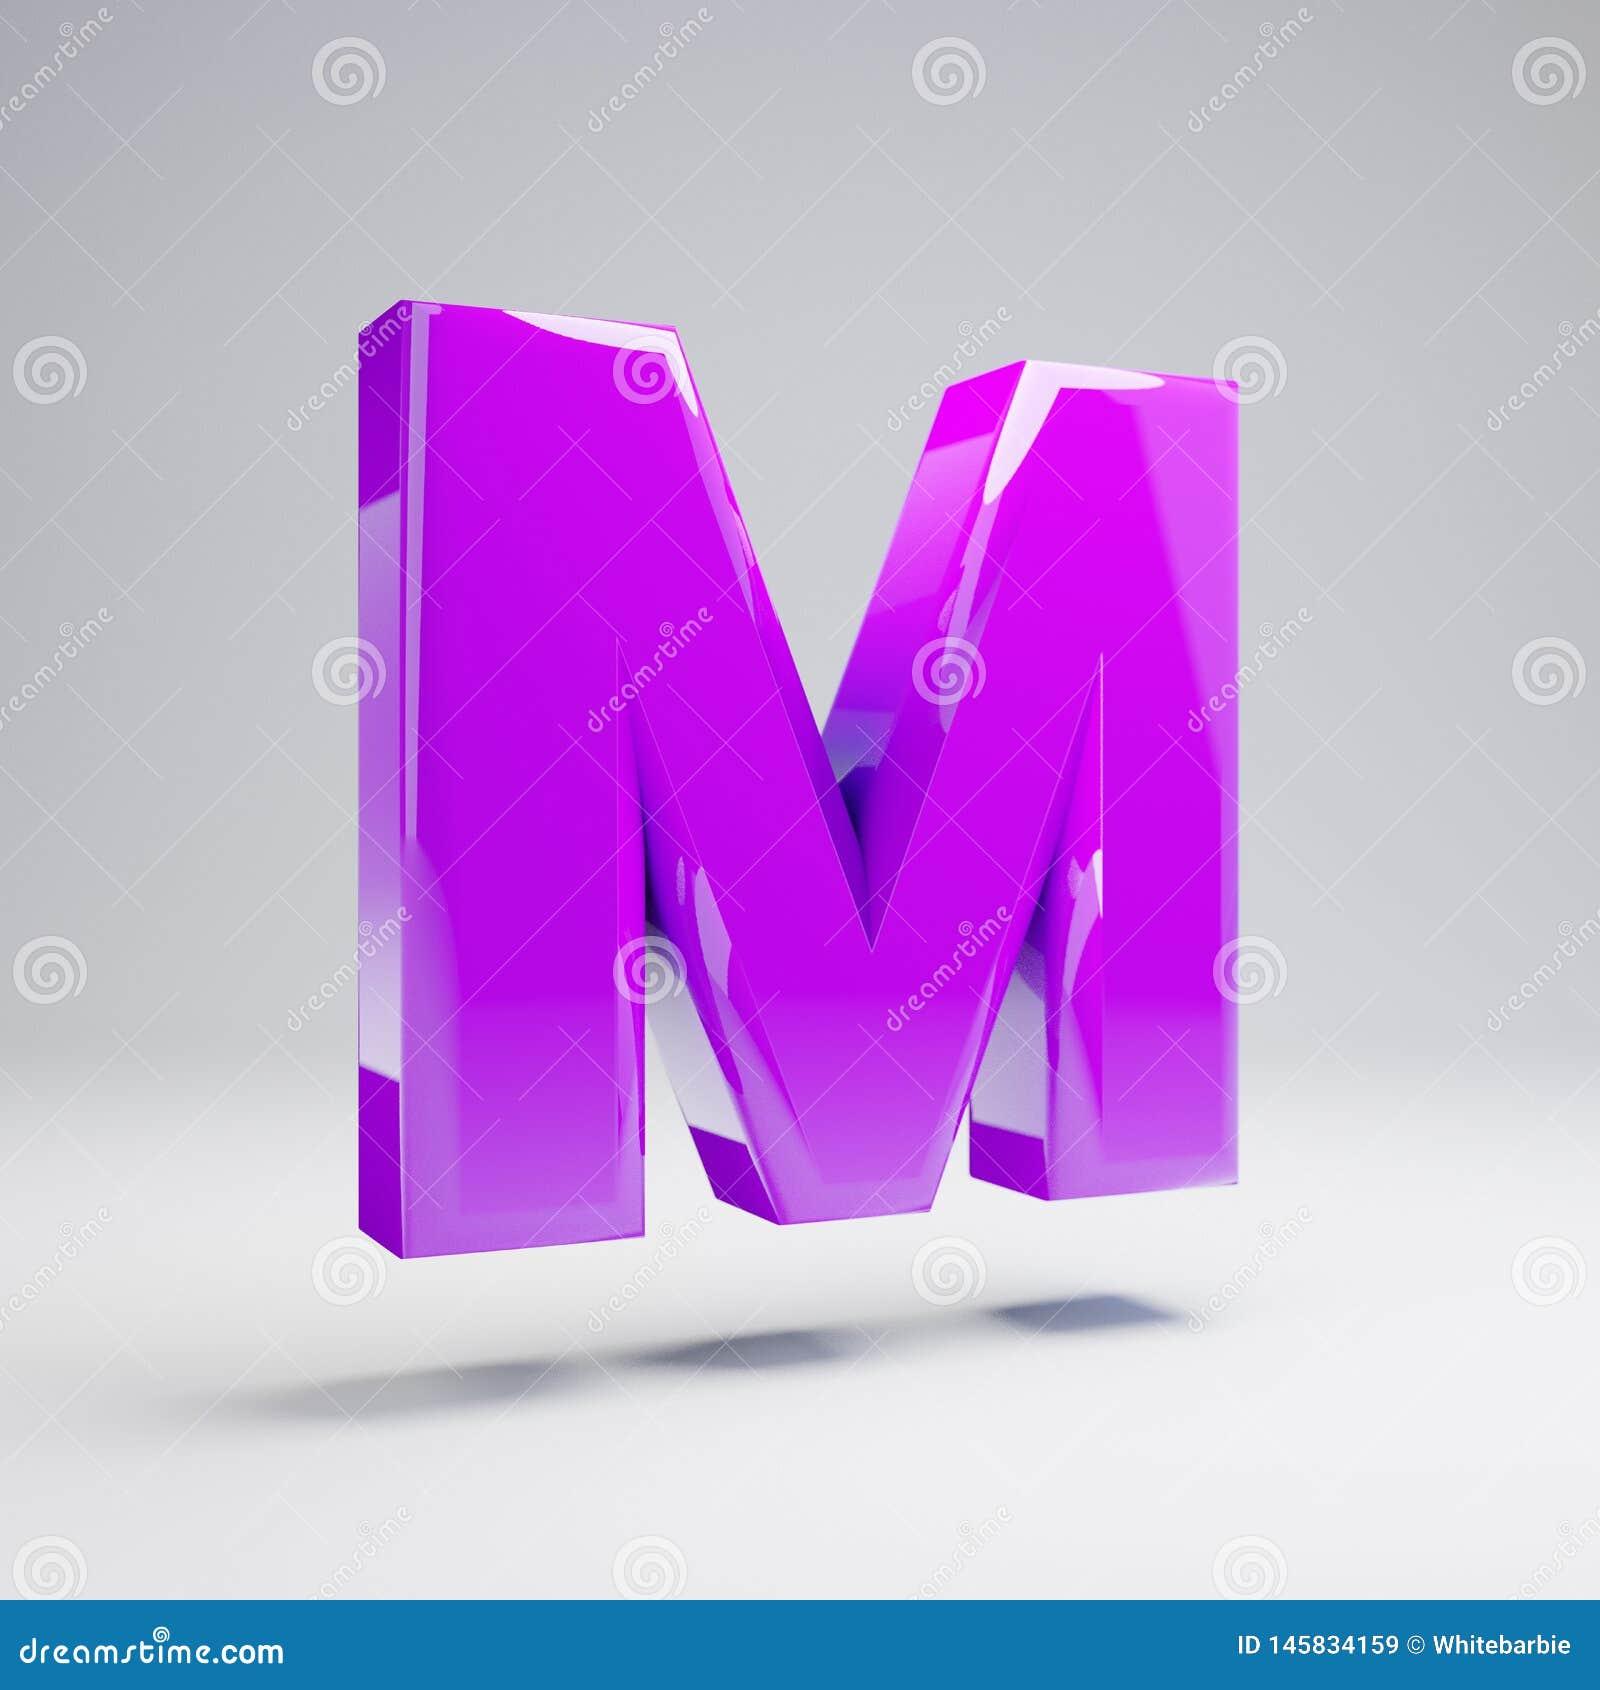 Volymetrisk glansig violett stora bokstavsbokstav M som isoleras på vit bakgrund